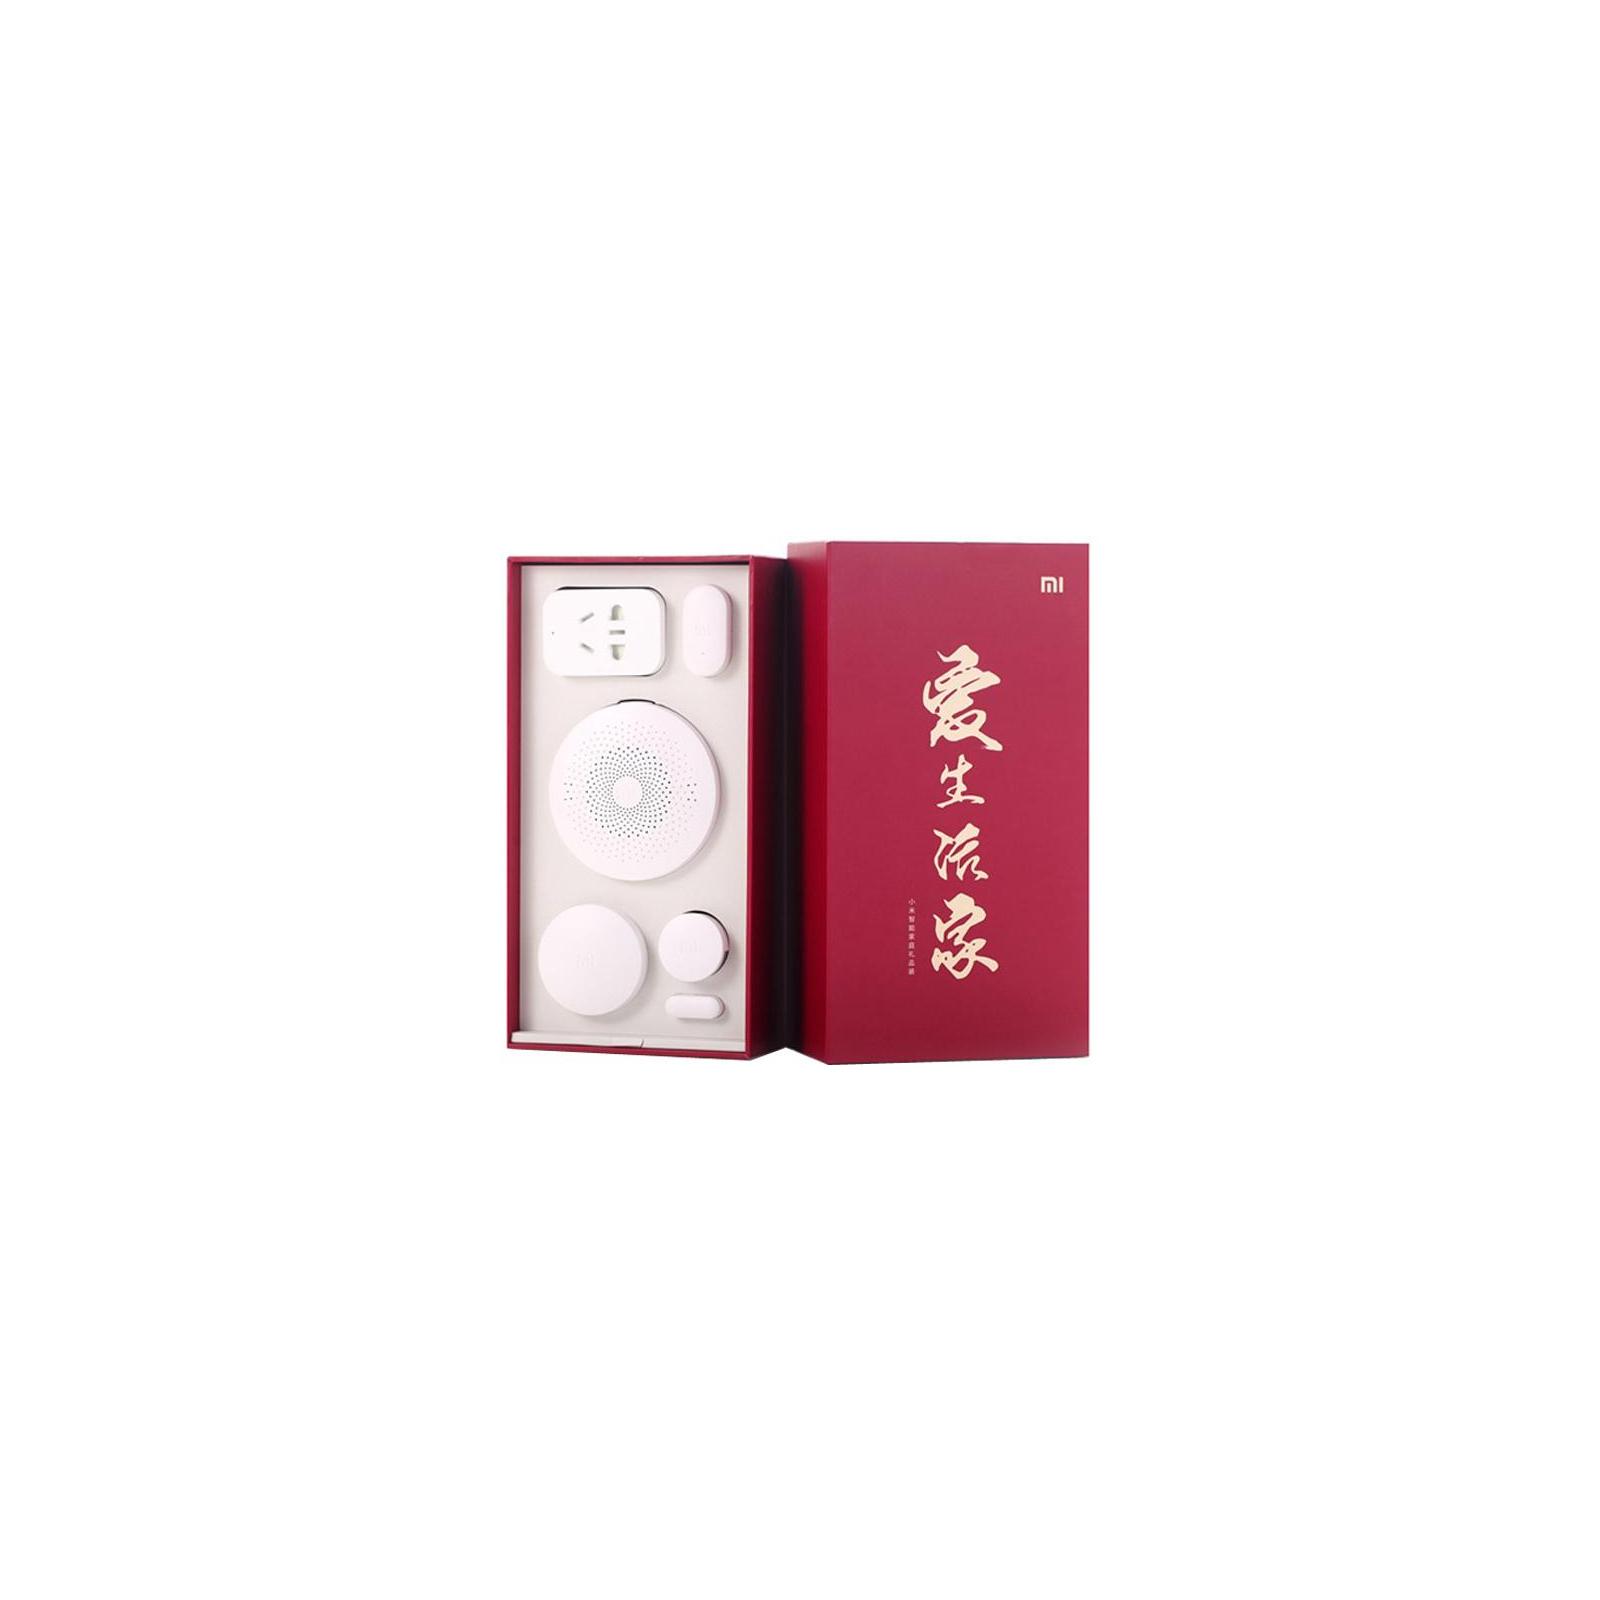 Комплект охранной сигнализации Xiaomi набор Mijia Smart Home Set (YTC4023CN) изображение 3